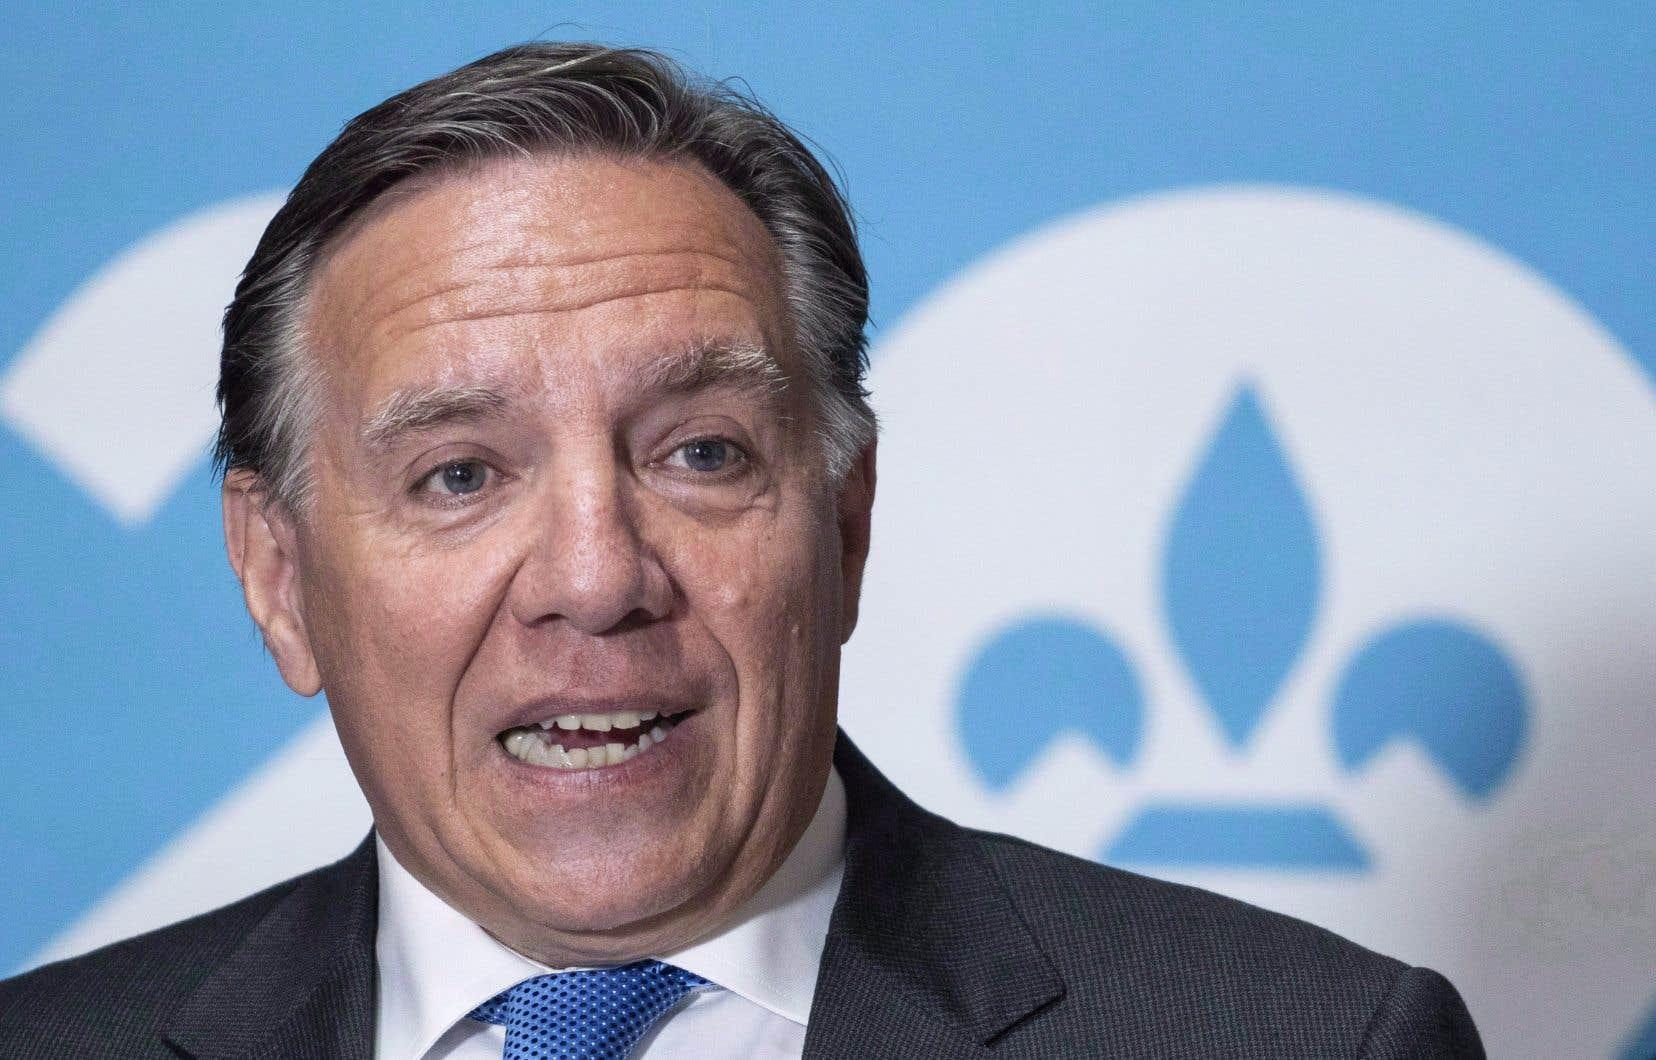 Gertrude Bourdona informé samedi le chef de la Coalition avenir Québec (CAQ), François Legault qu'elle renonçait à porter les couleurs de la CAQ à l'occasion du prochain scrutin.